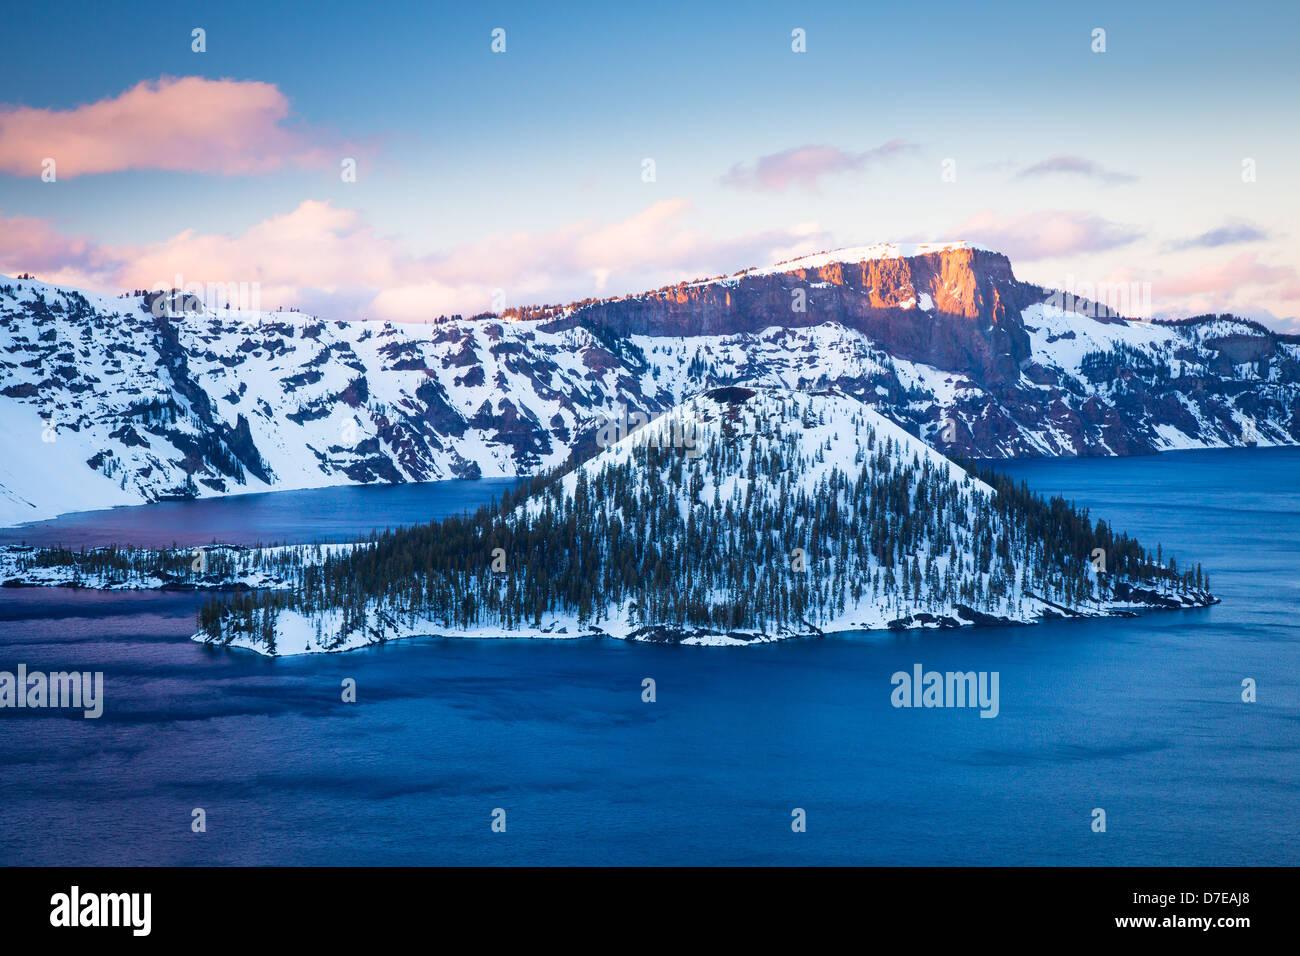 Crater Lake National Park, ubicado en el sur de Oregon, durante el invierno Imagen De Stock